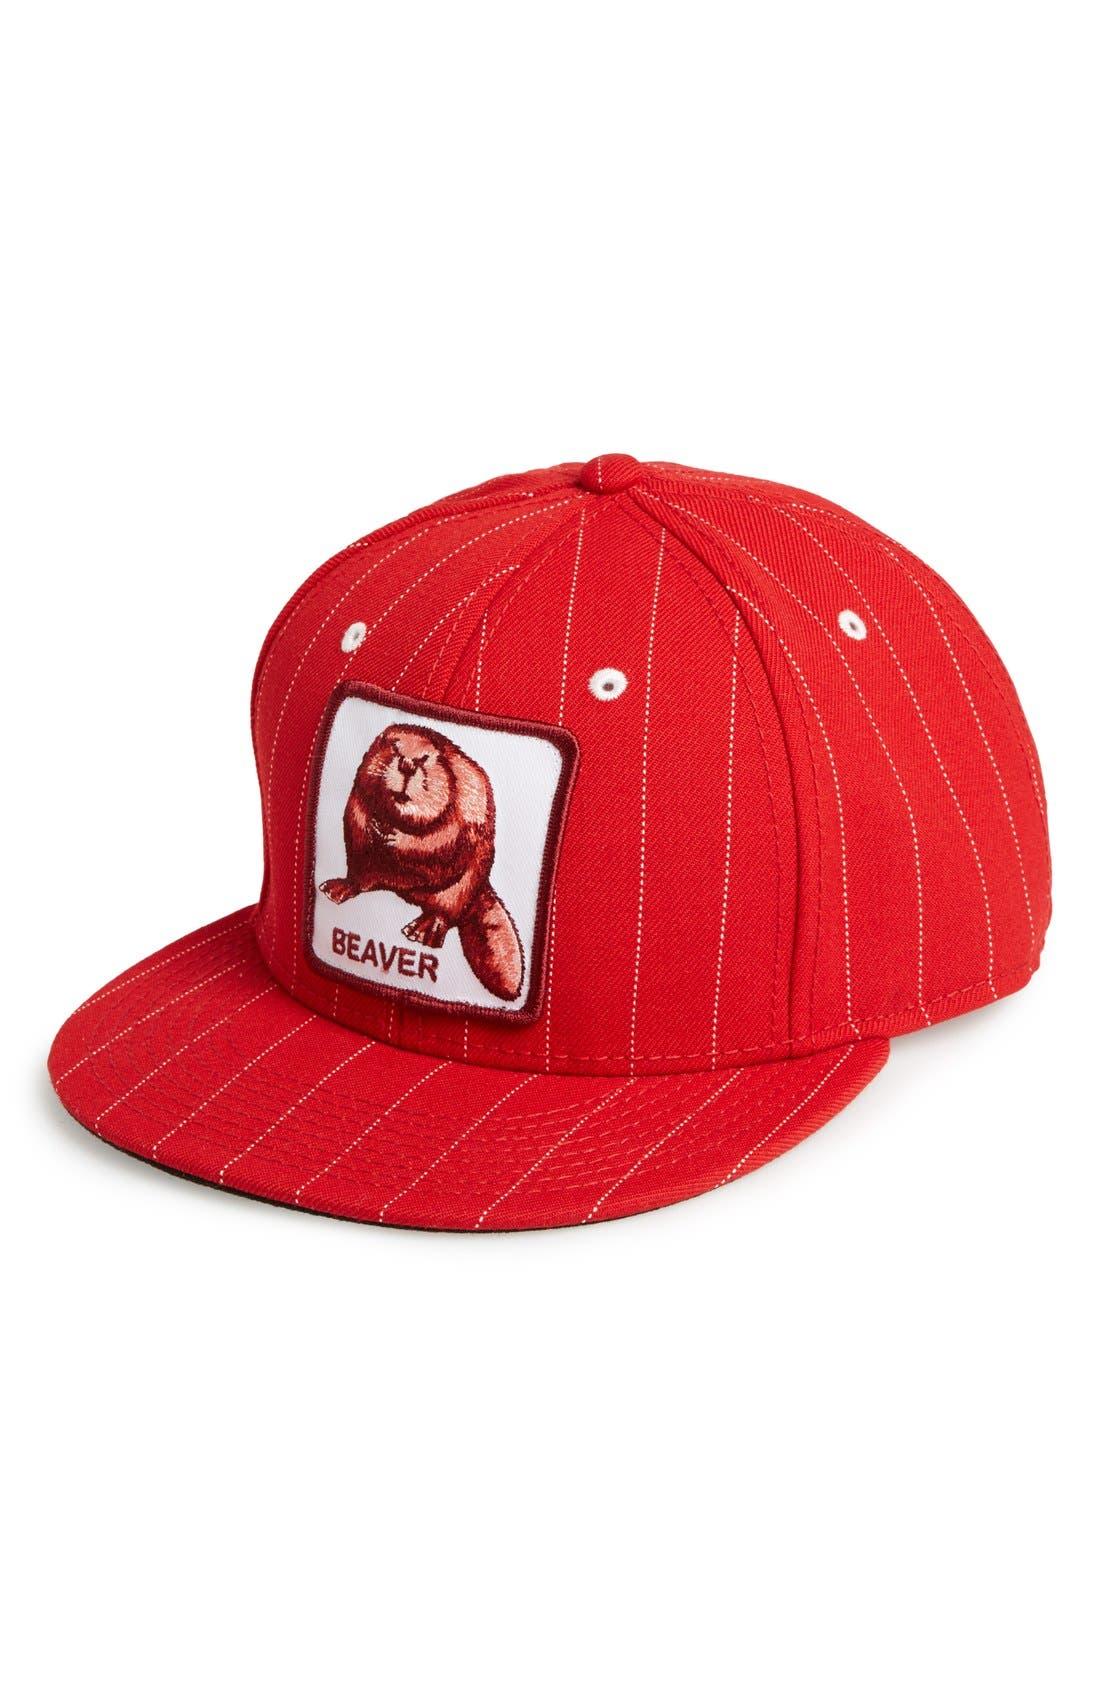 Main Image - Goorin Brothers 'Beaver Dam' Baseball Cap